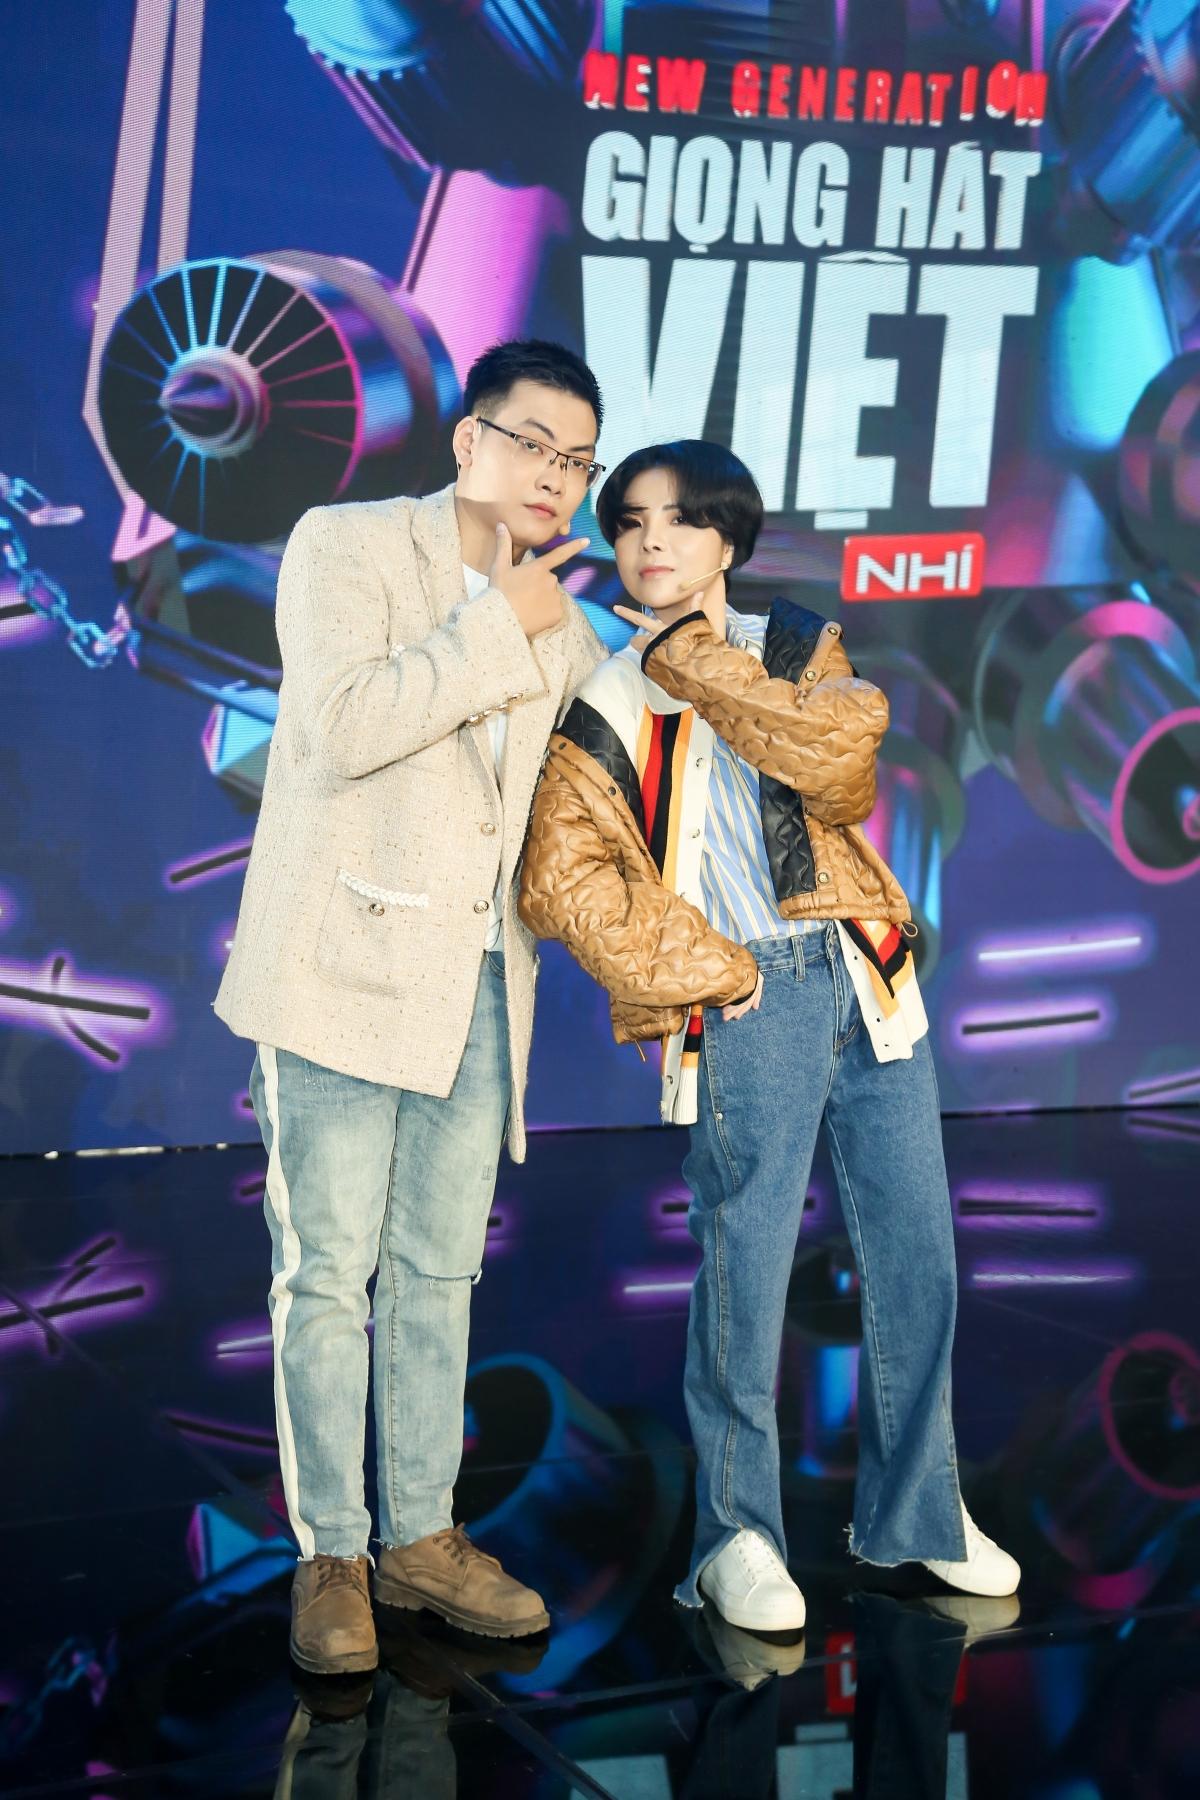 HLV Hưng Cao - Vũ Cát Tườngtìm được thêm 2 tài năng nhỏ tuổi trong tập này.